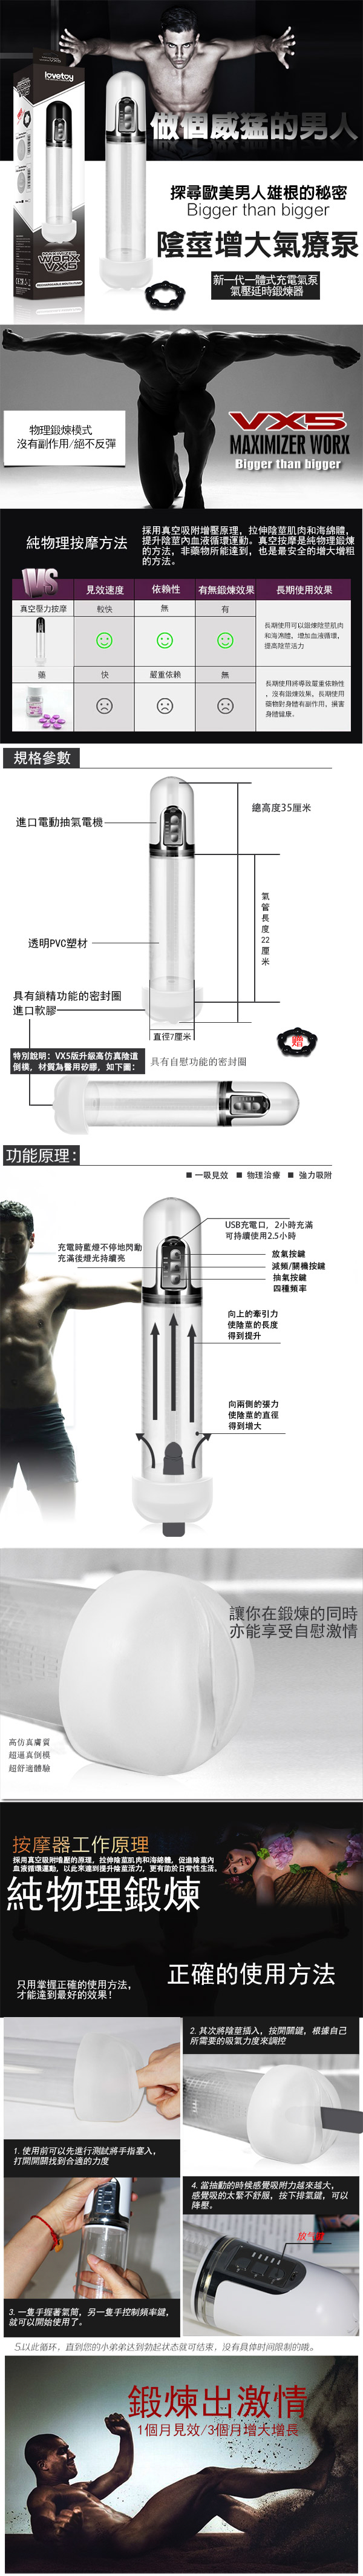 附圖2-Lovetoy.Maximizer Worx VX5 - USB充電式真空吸引陰莖鍛練自慰器-陰交版(白)